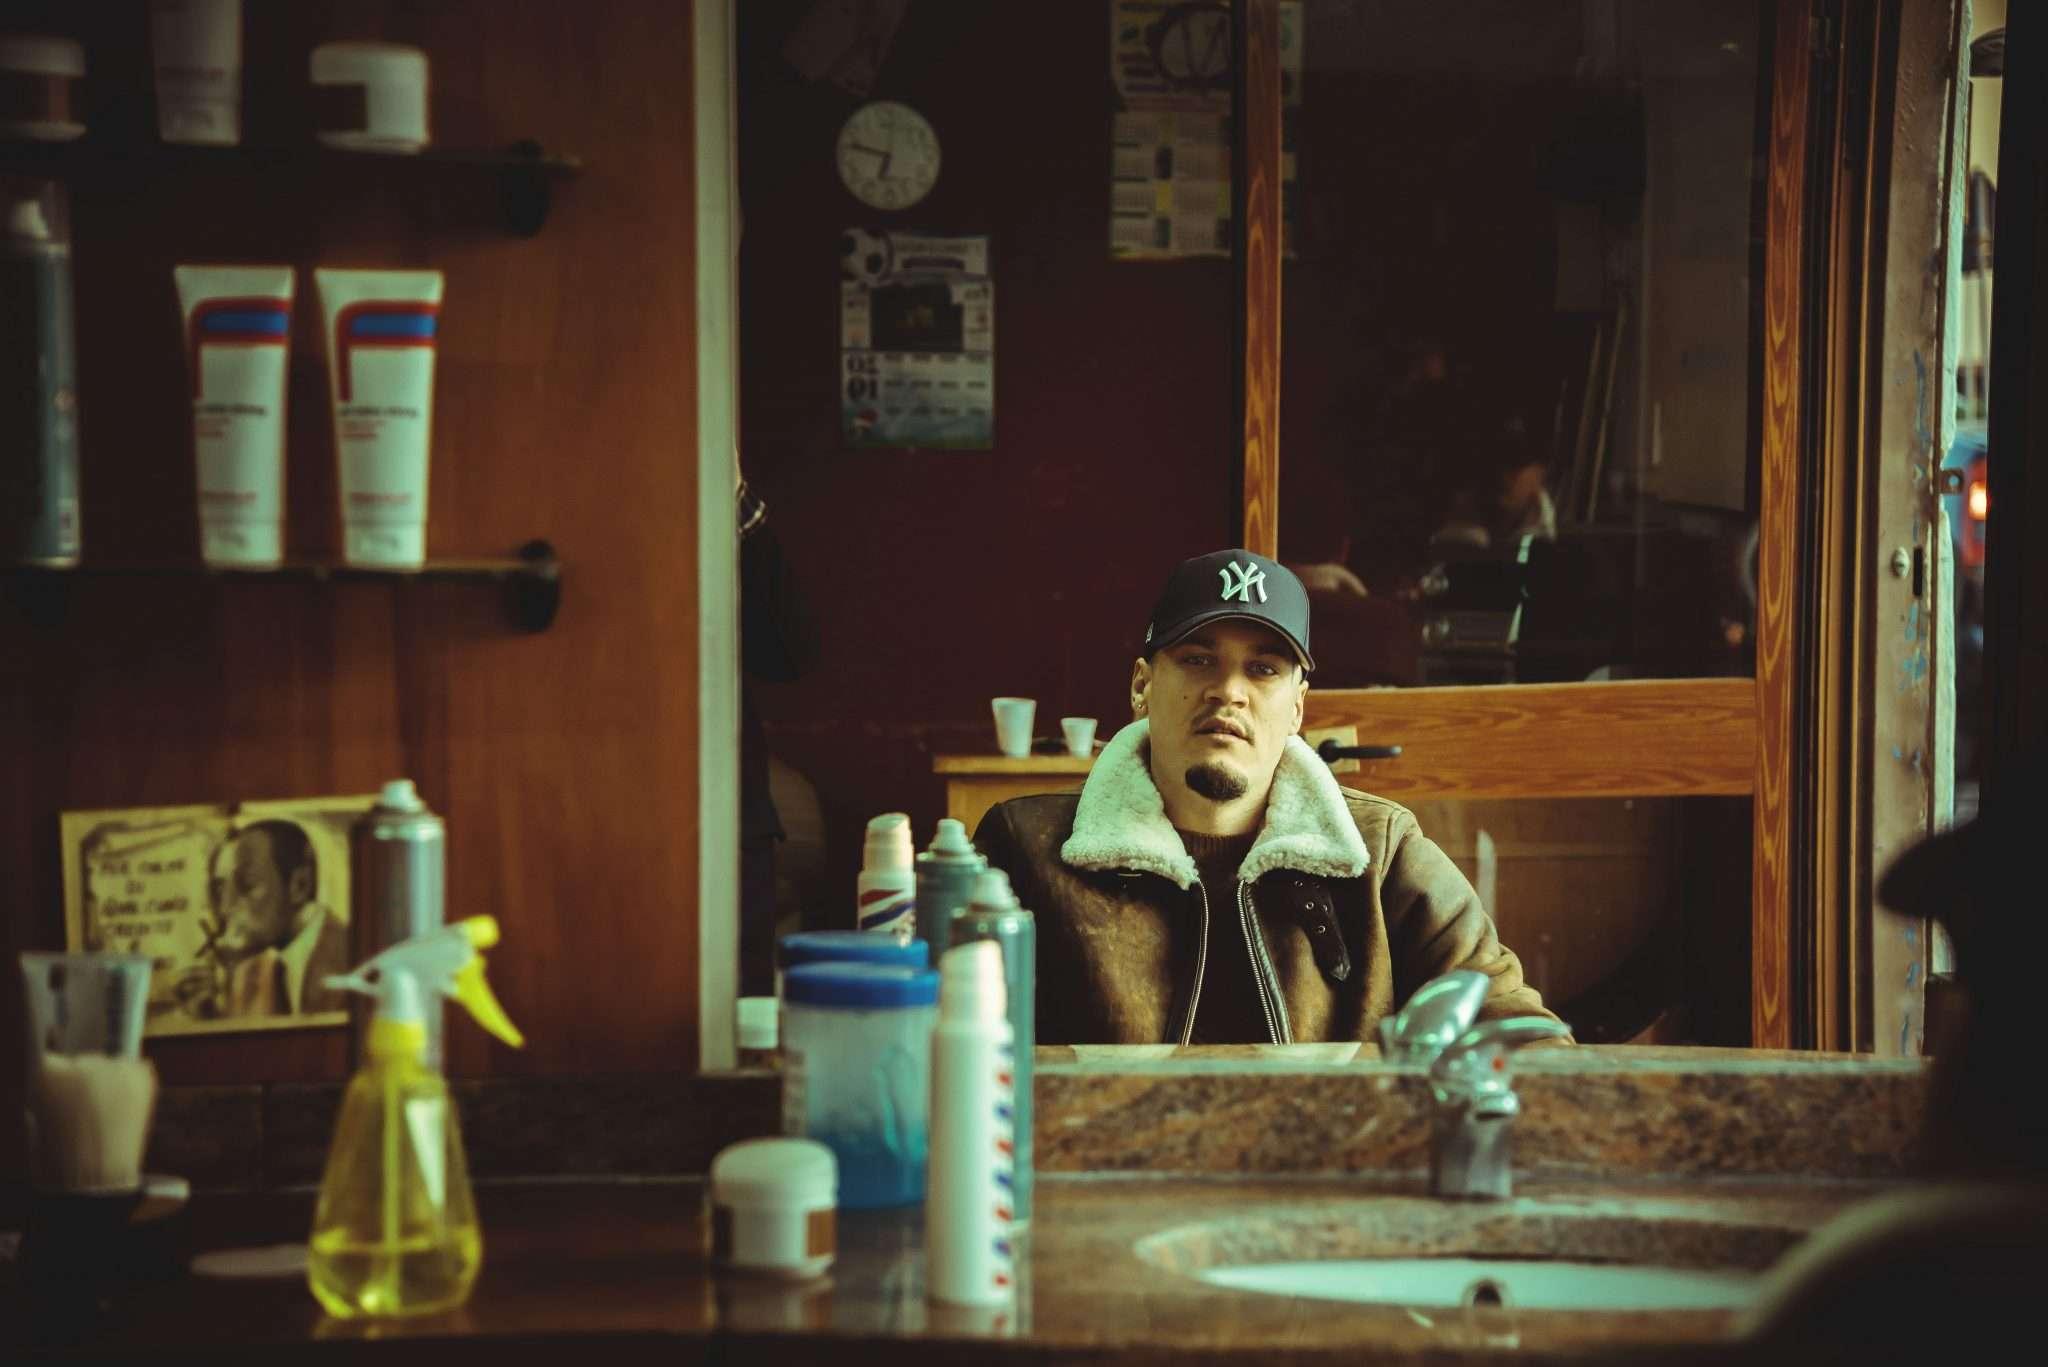 Fotografia rapper napoletano dal barbiere